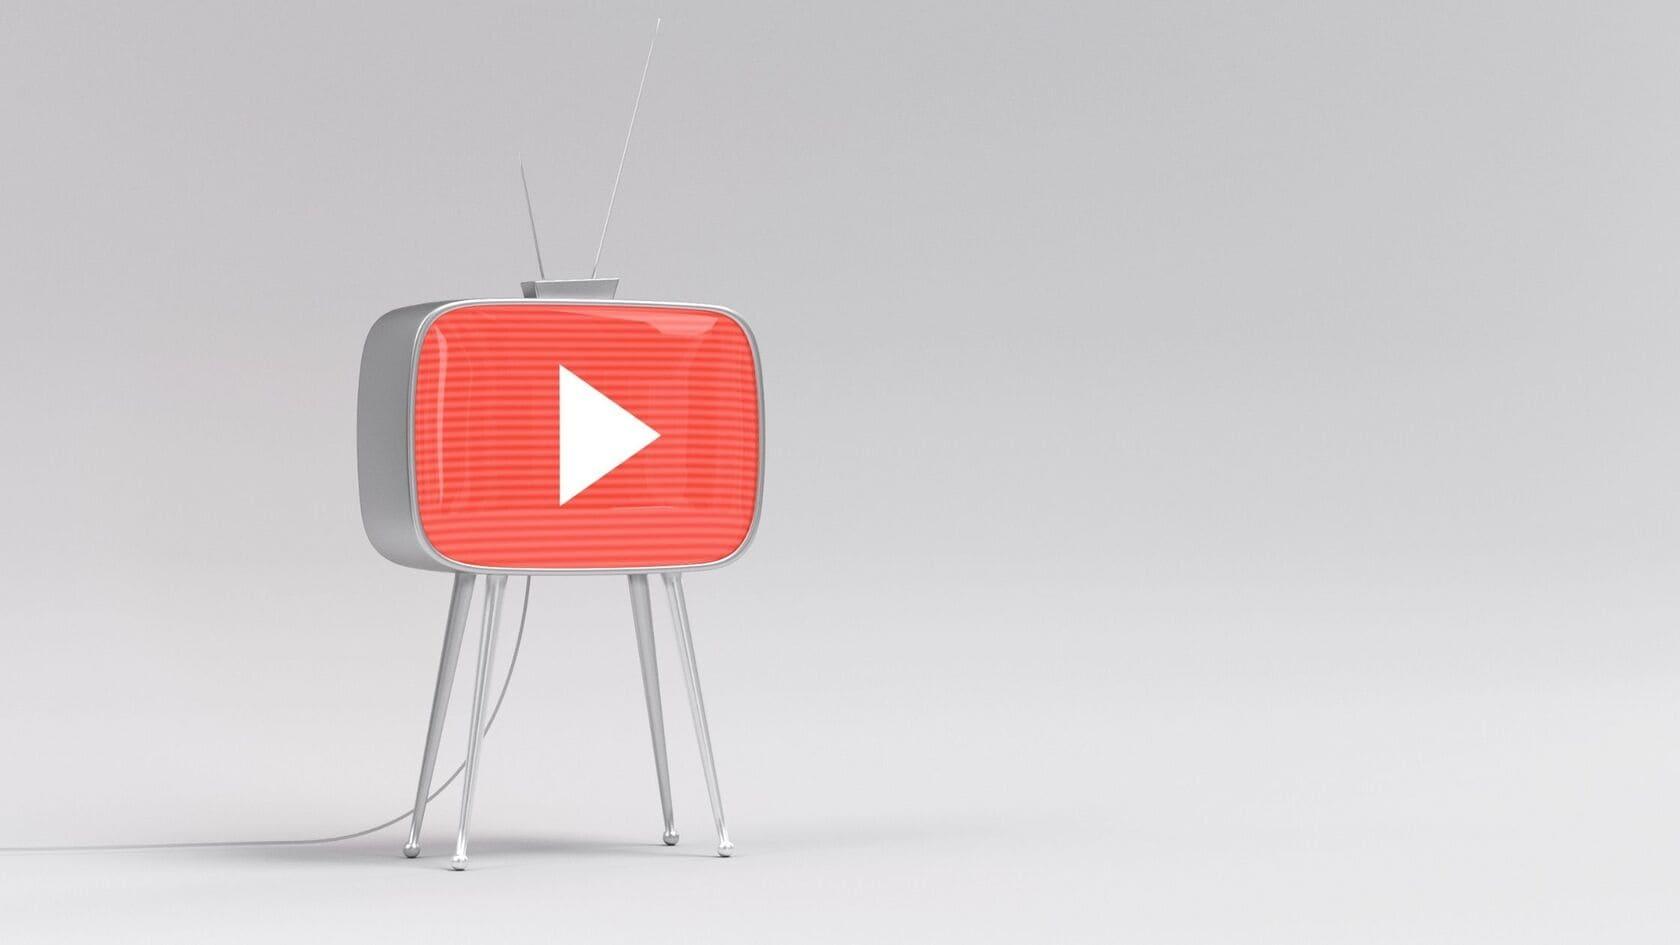 Come trovare idee per gli articoli su Youtube